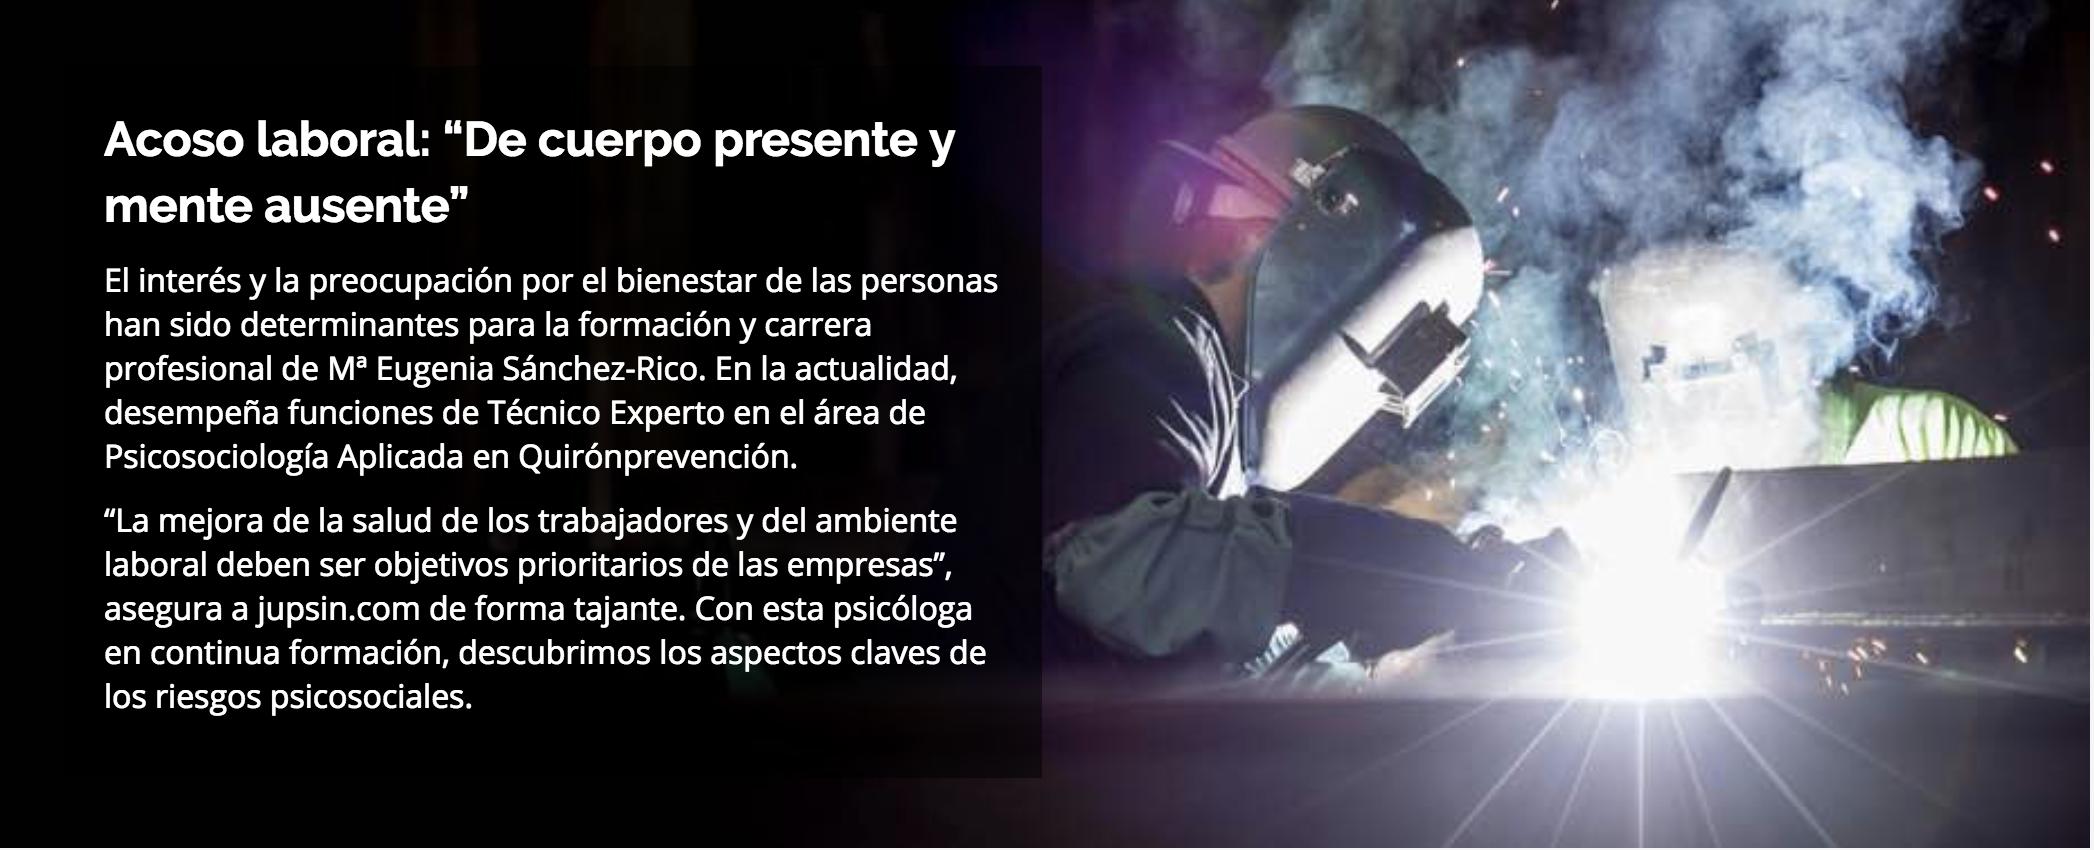 Quirónprevención - jupsin.com - acoso laboral - riesgos psicosociales